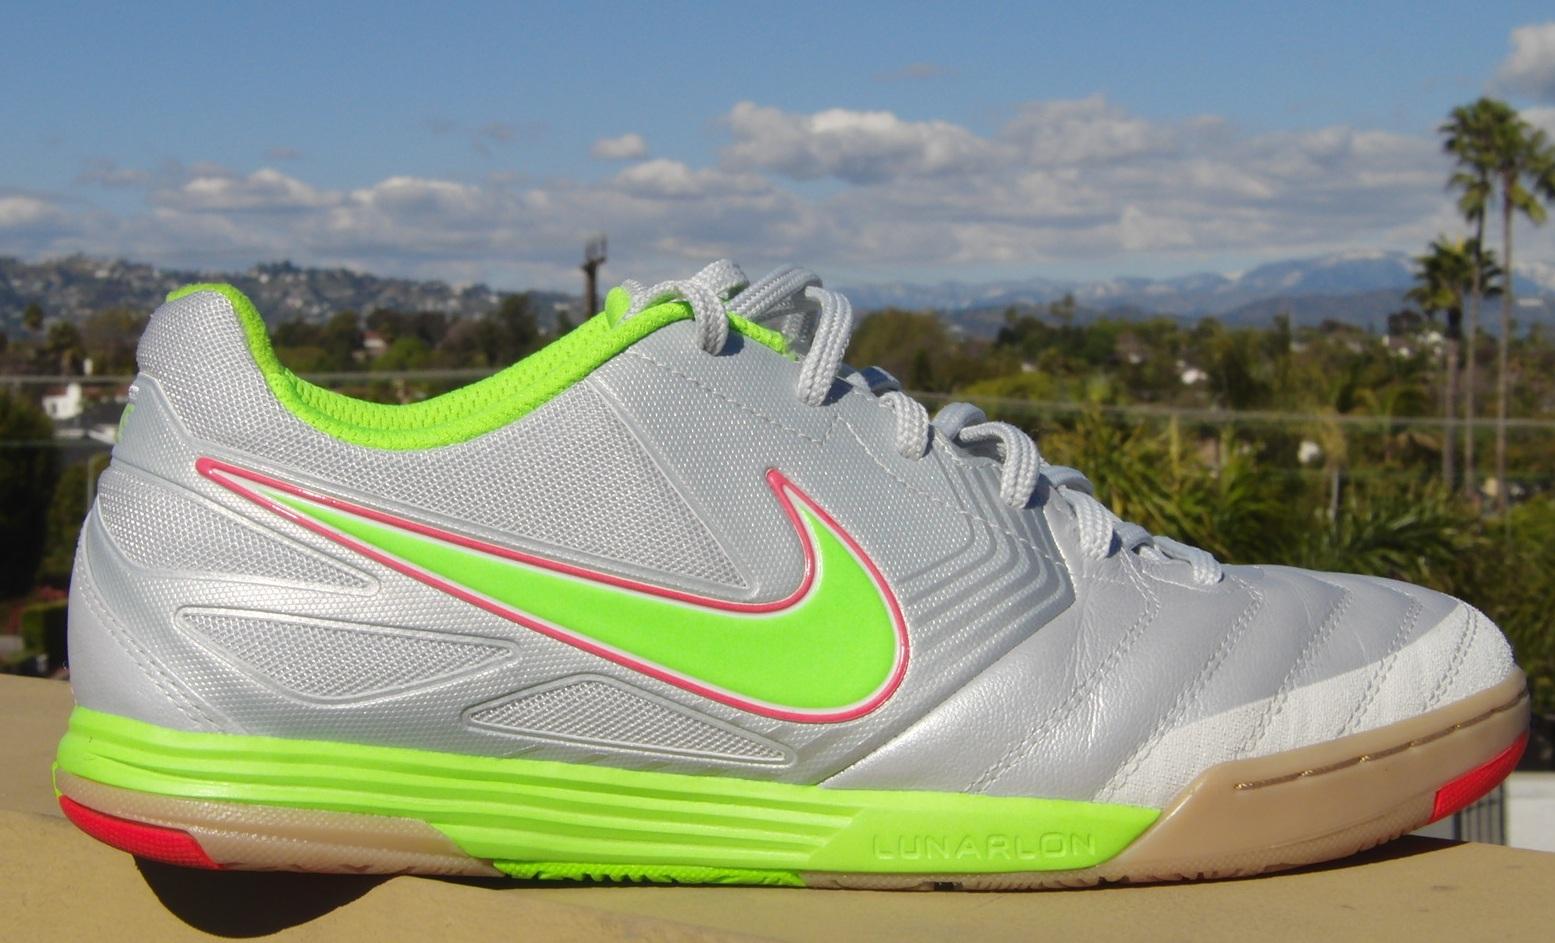 104579ca3d6de6 Nike Lunar Gato Ii Indoor Shoe Store